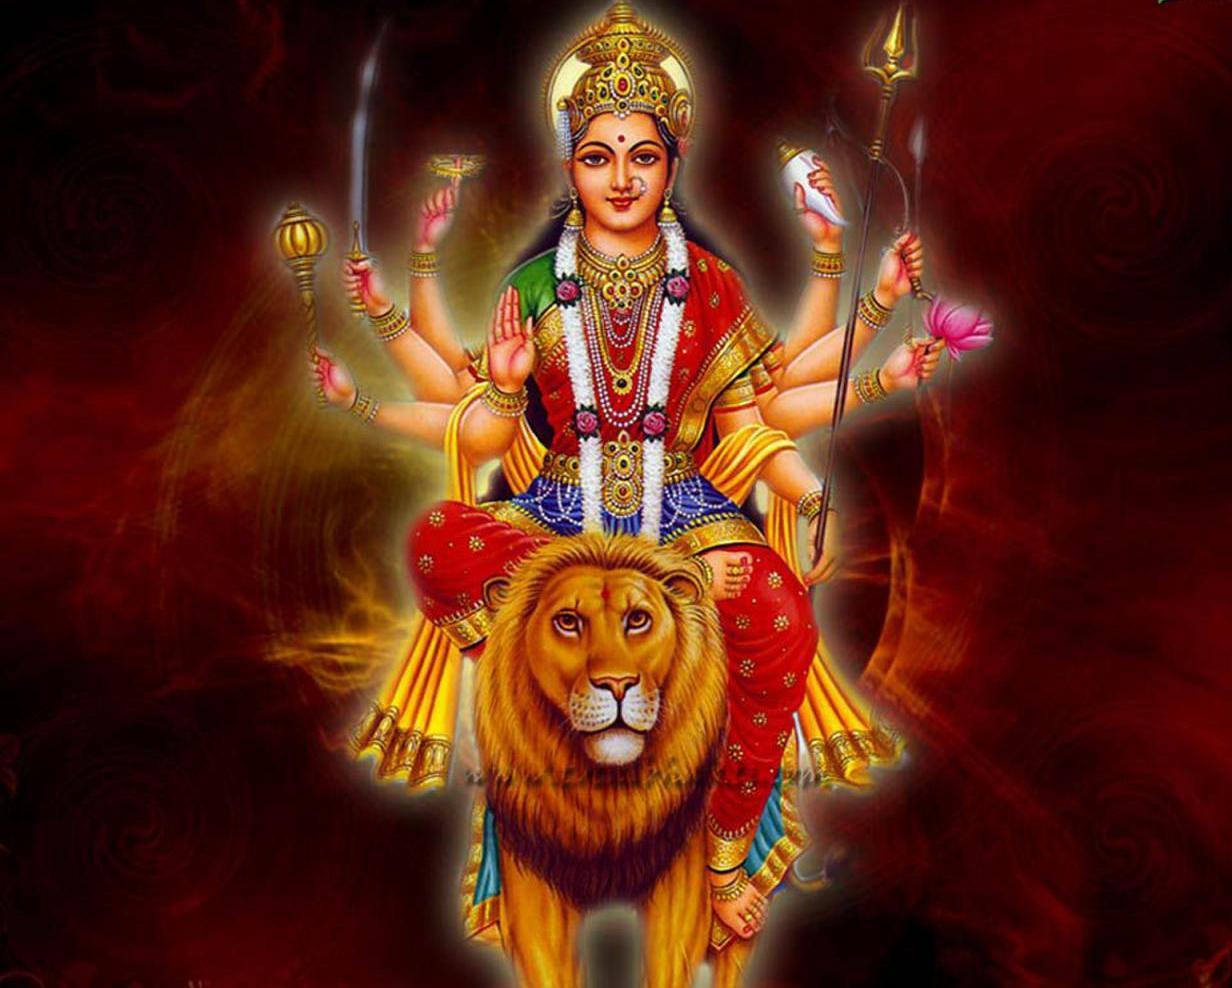 3d Moving Wallpapers Of Lord Krishna Lord Krishna Devotional Wallpapers Durga Amman Vishnu